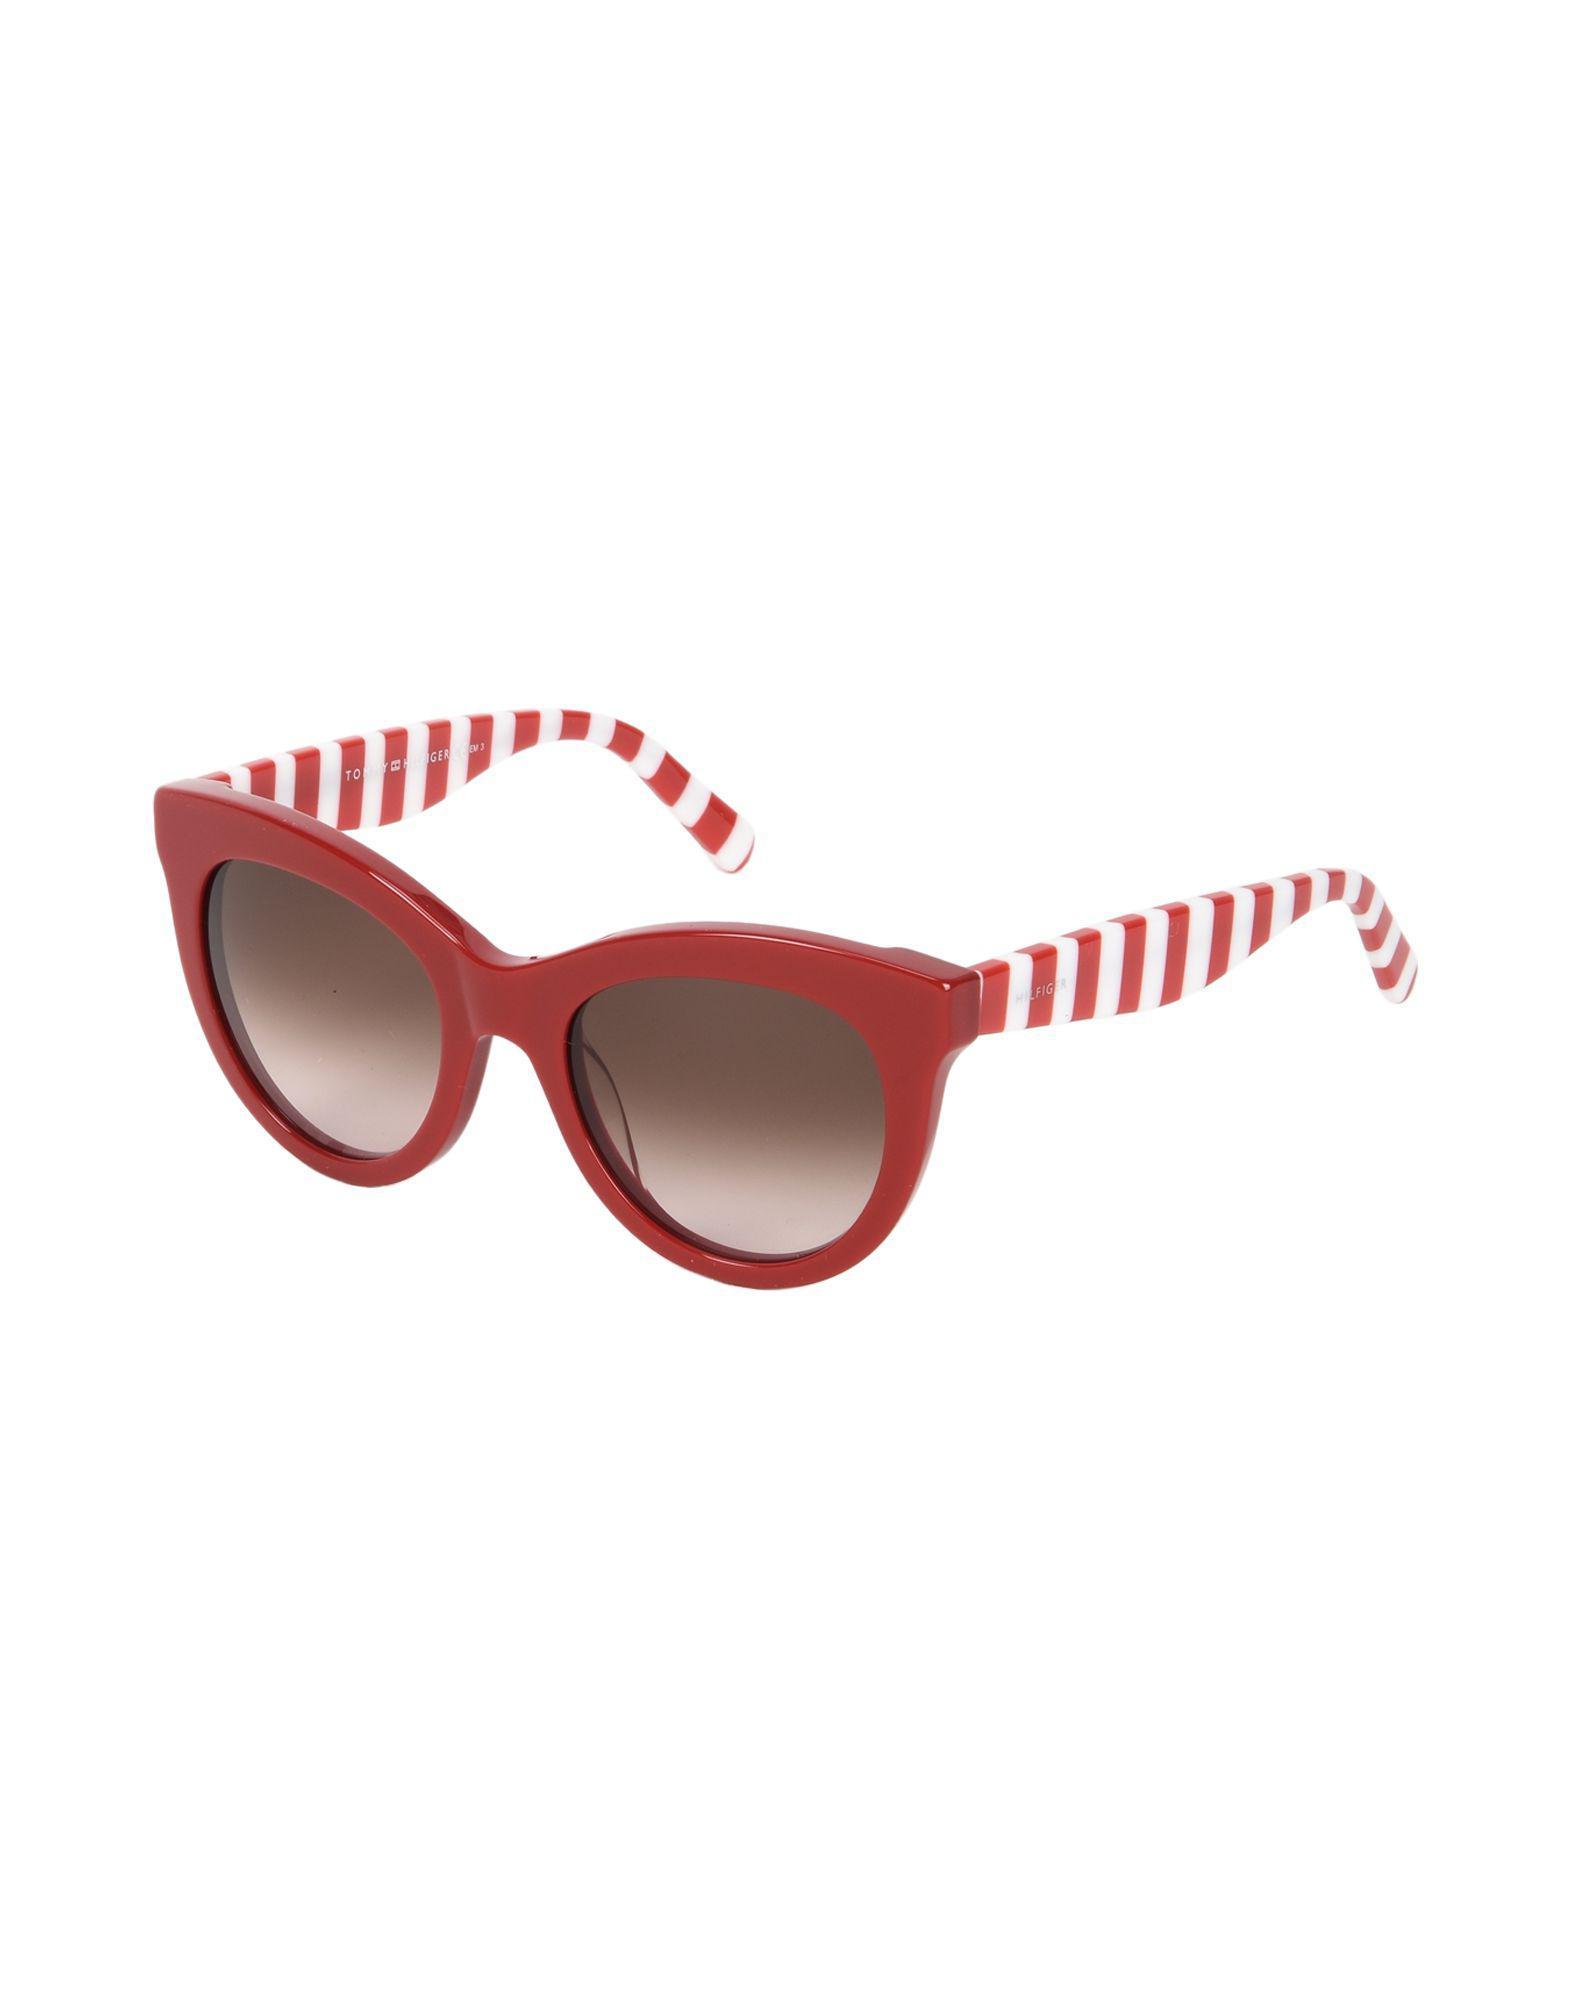 fee3d6f46926d8 Lyst - Lunettes de soleil Tommy Hilfiger en coloris Rouge